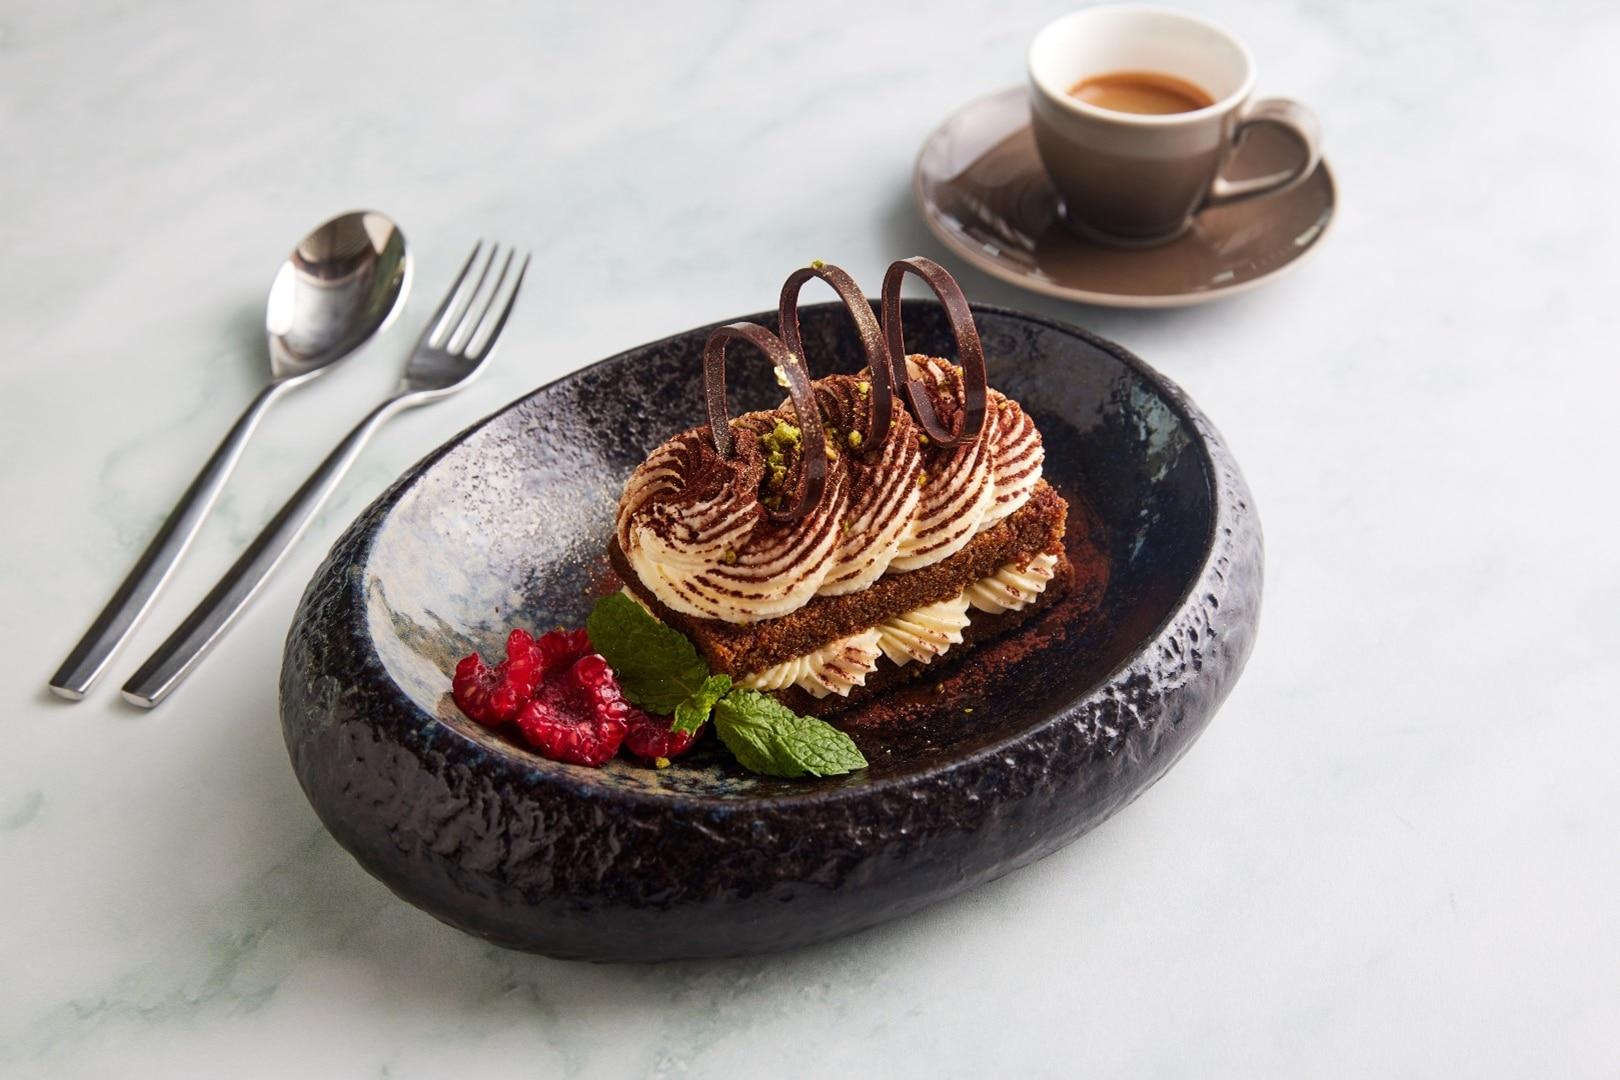 https://cdn.jumeirah.com/-/mediadh/DH/Hospitality/Jumeirah/Restaurants/Dubai/Al-Qasr-Pierchic/Restaurant-Gallery/Pierchic-Interior-3_6-4.jpg?h=1080&w=1620&hash=015A0771D1A498B989EA6E5DBDC69E37